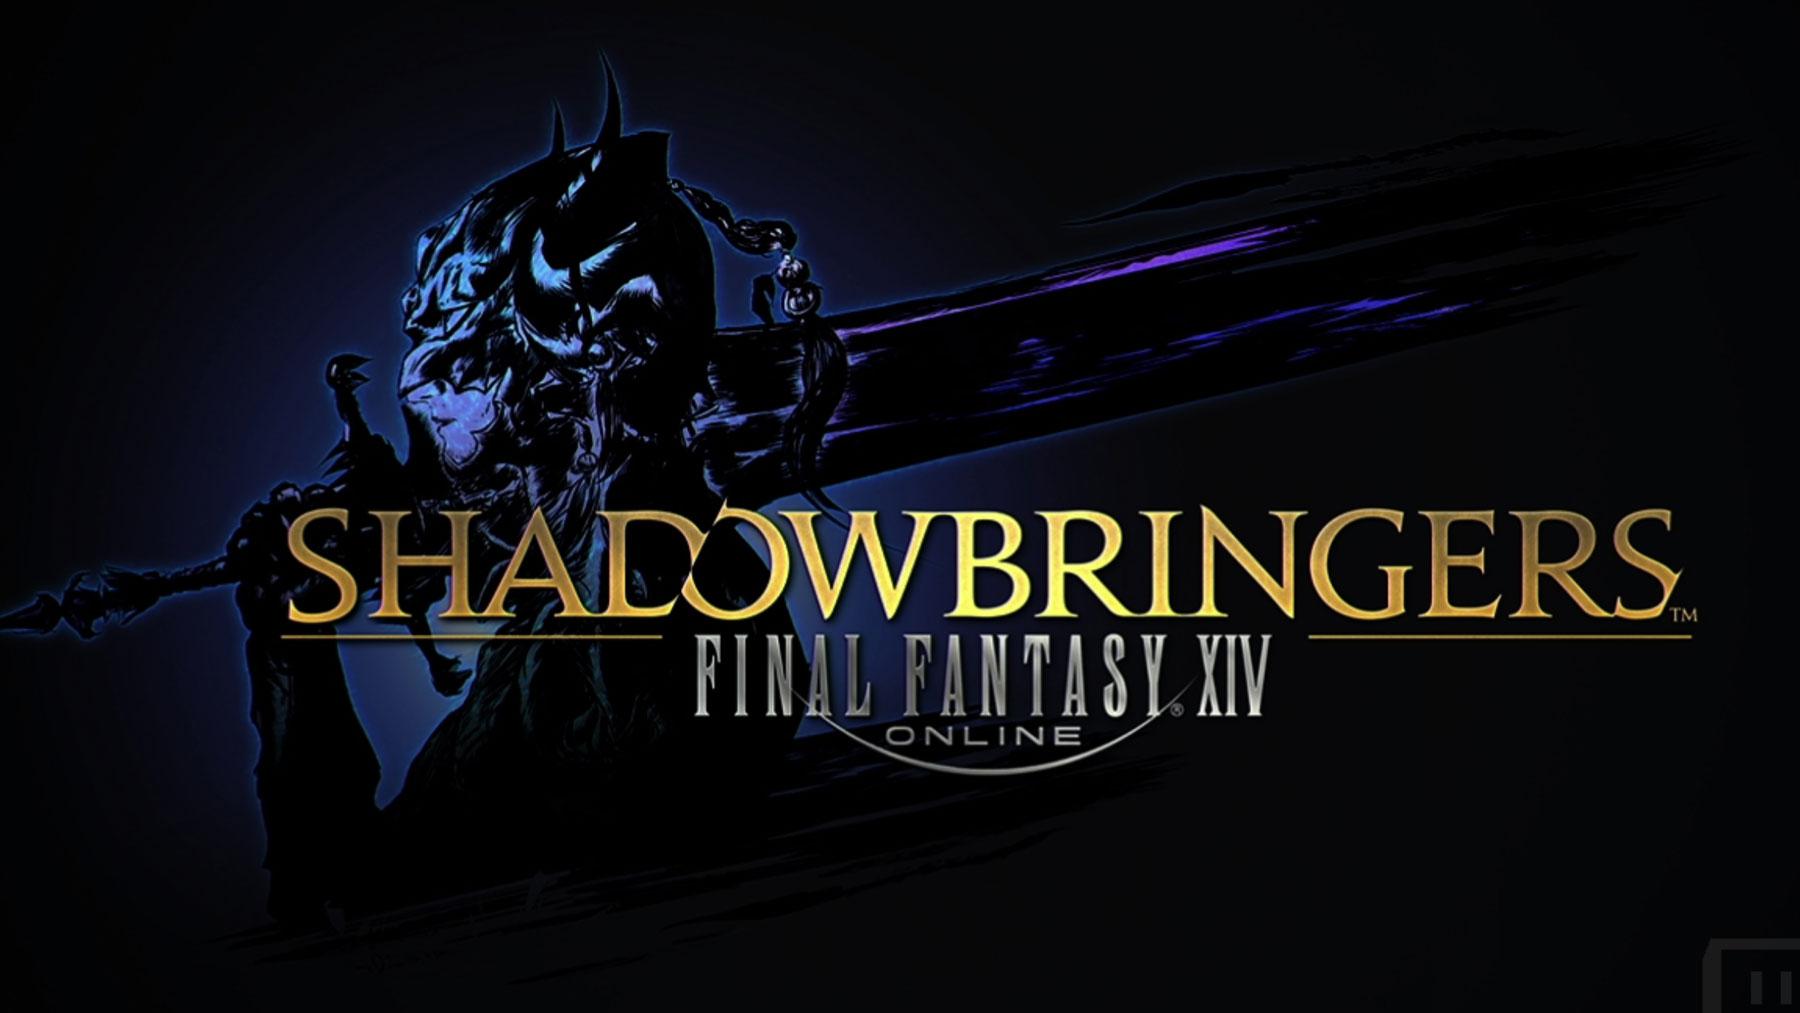 shadowbringers ff 14